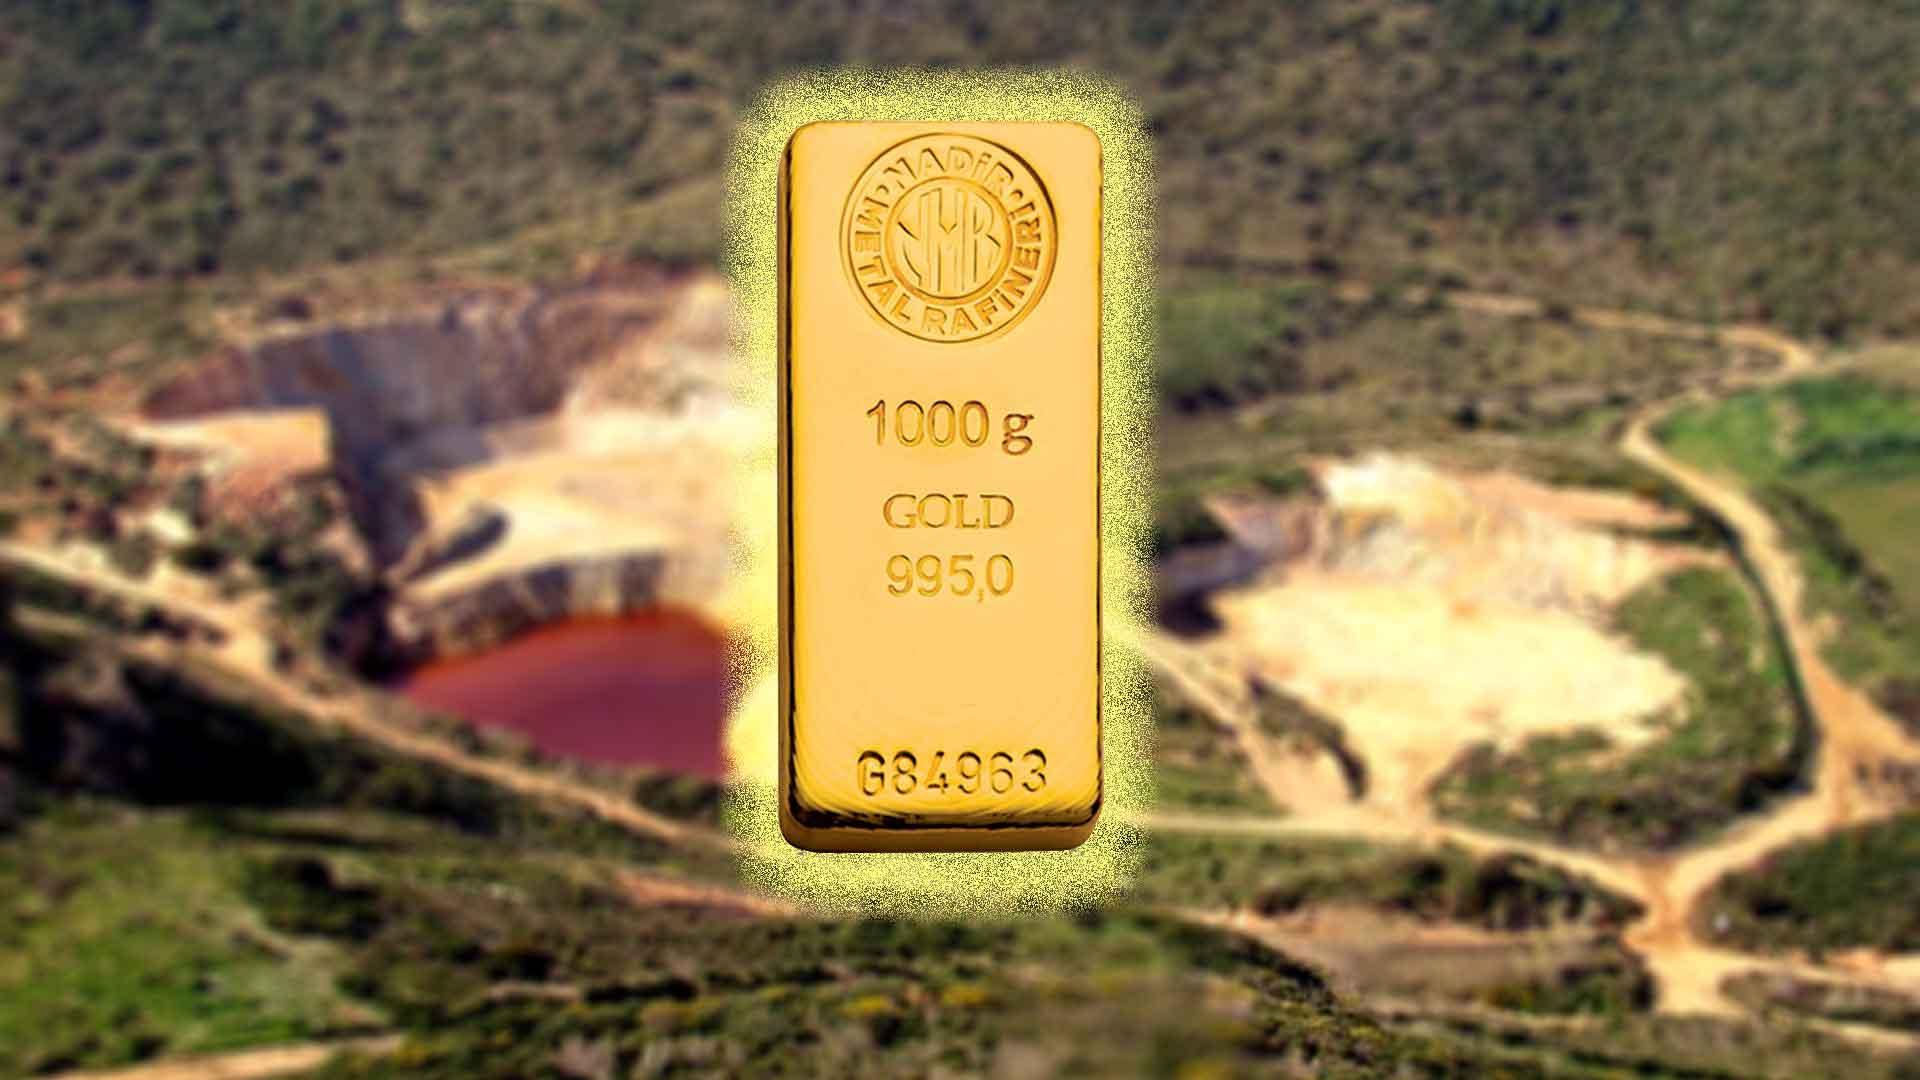 Dünyanın En Çok Altın Üreten Ülkeleri?fit=thumb&w=418&h=152&q=80